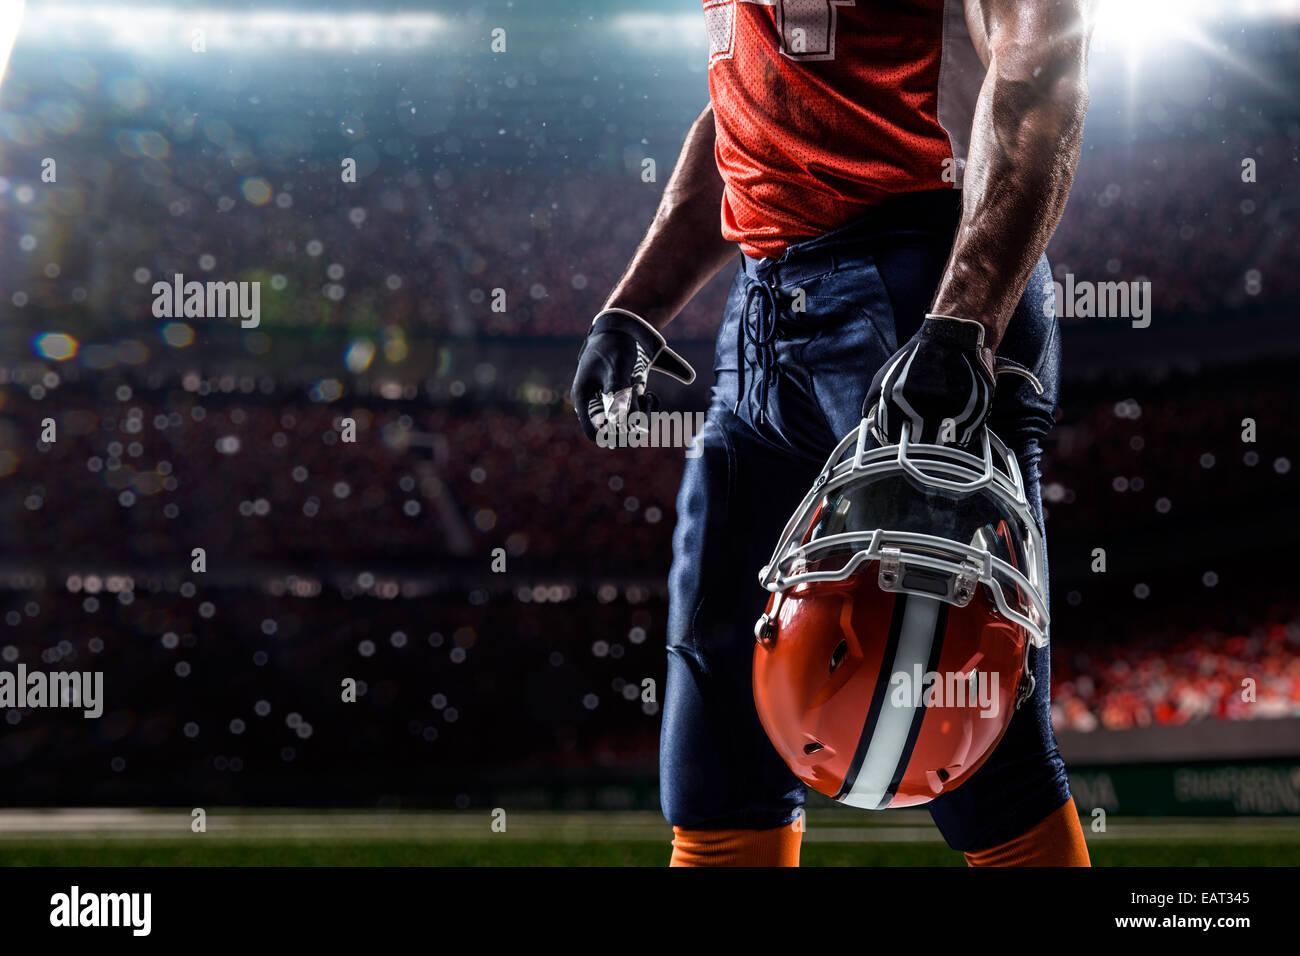 Deportista de fútbol americano jugador en estadio olímpico Imagen De Stock